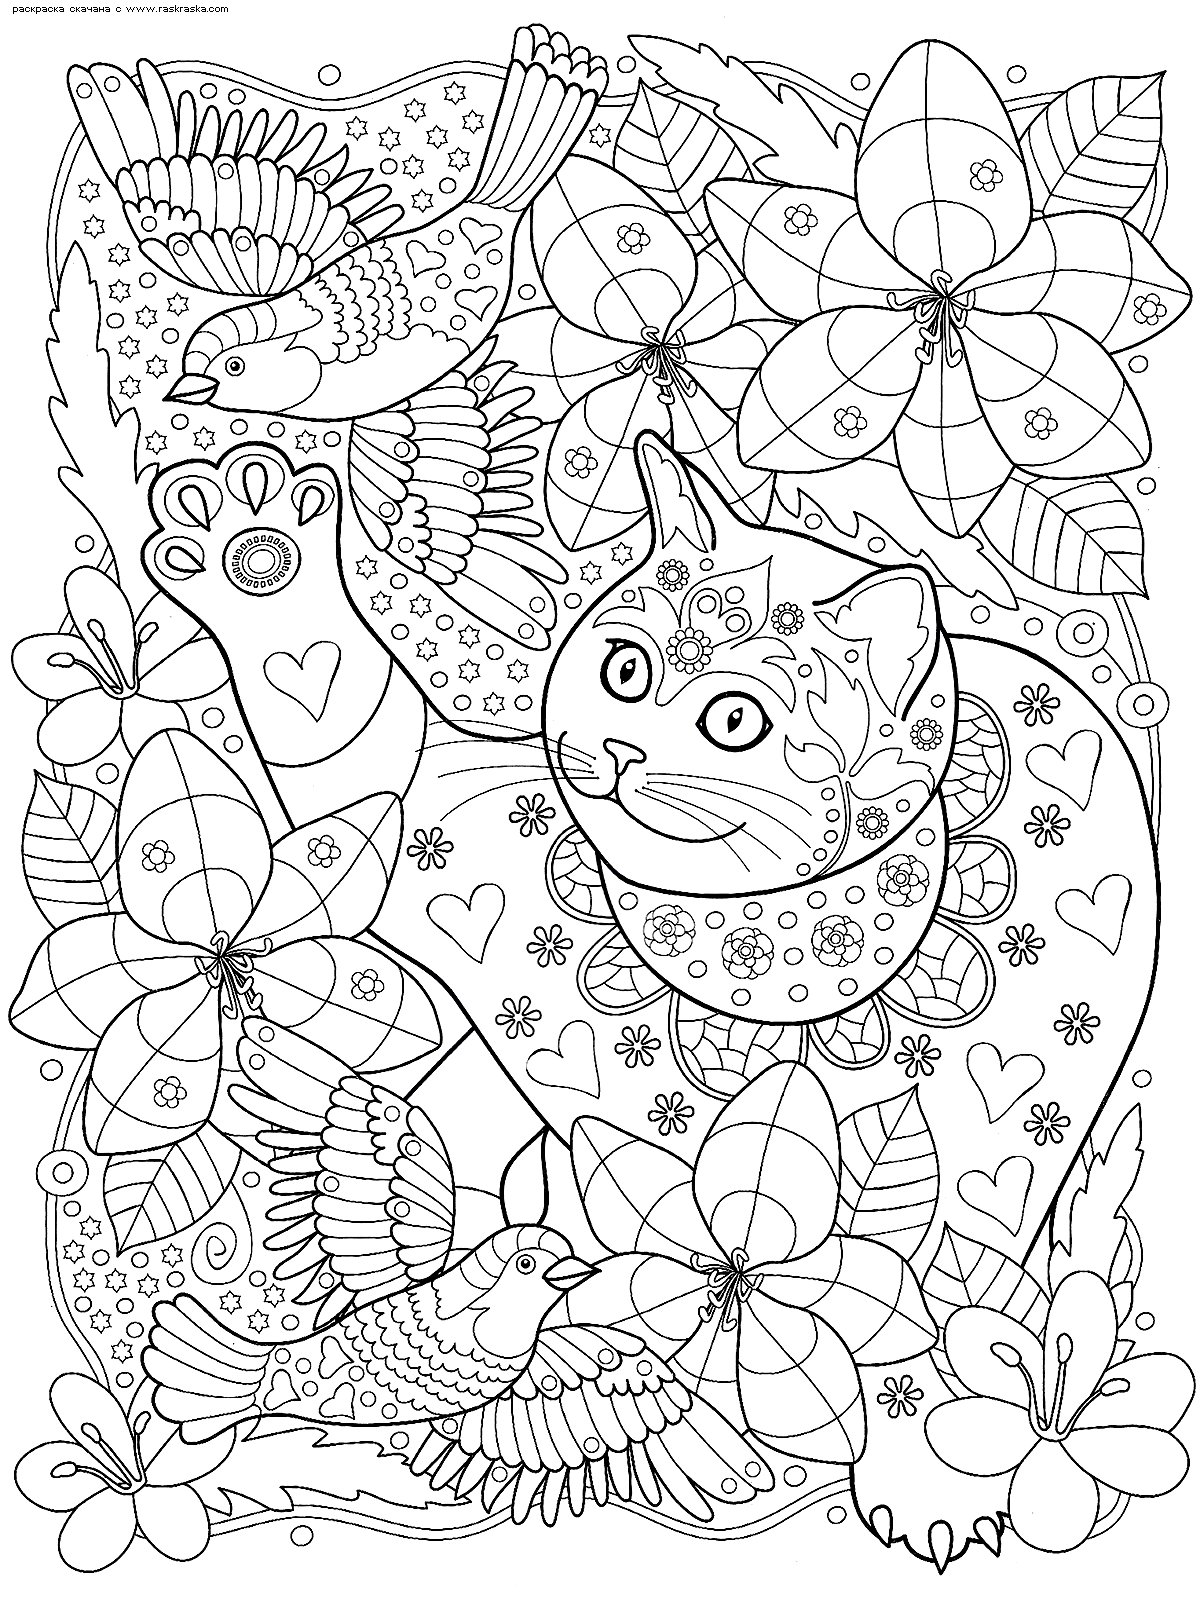 Раскраска Кот следит за птицами | Раскраски антистресс ...